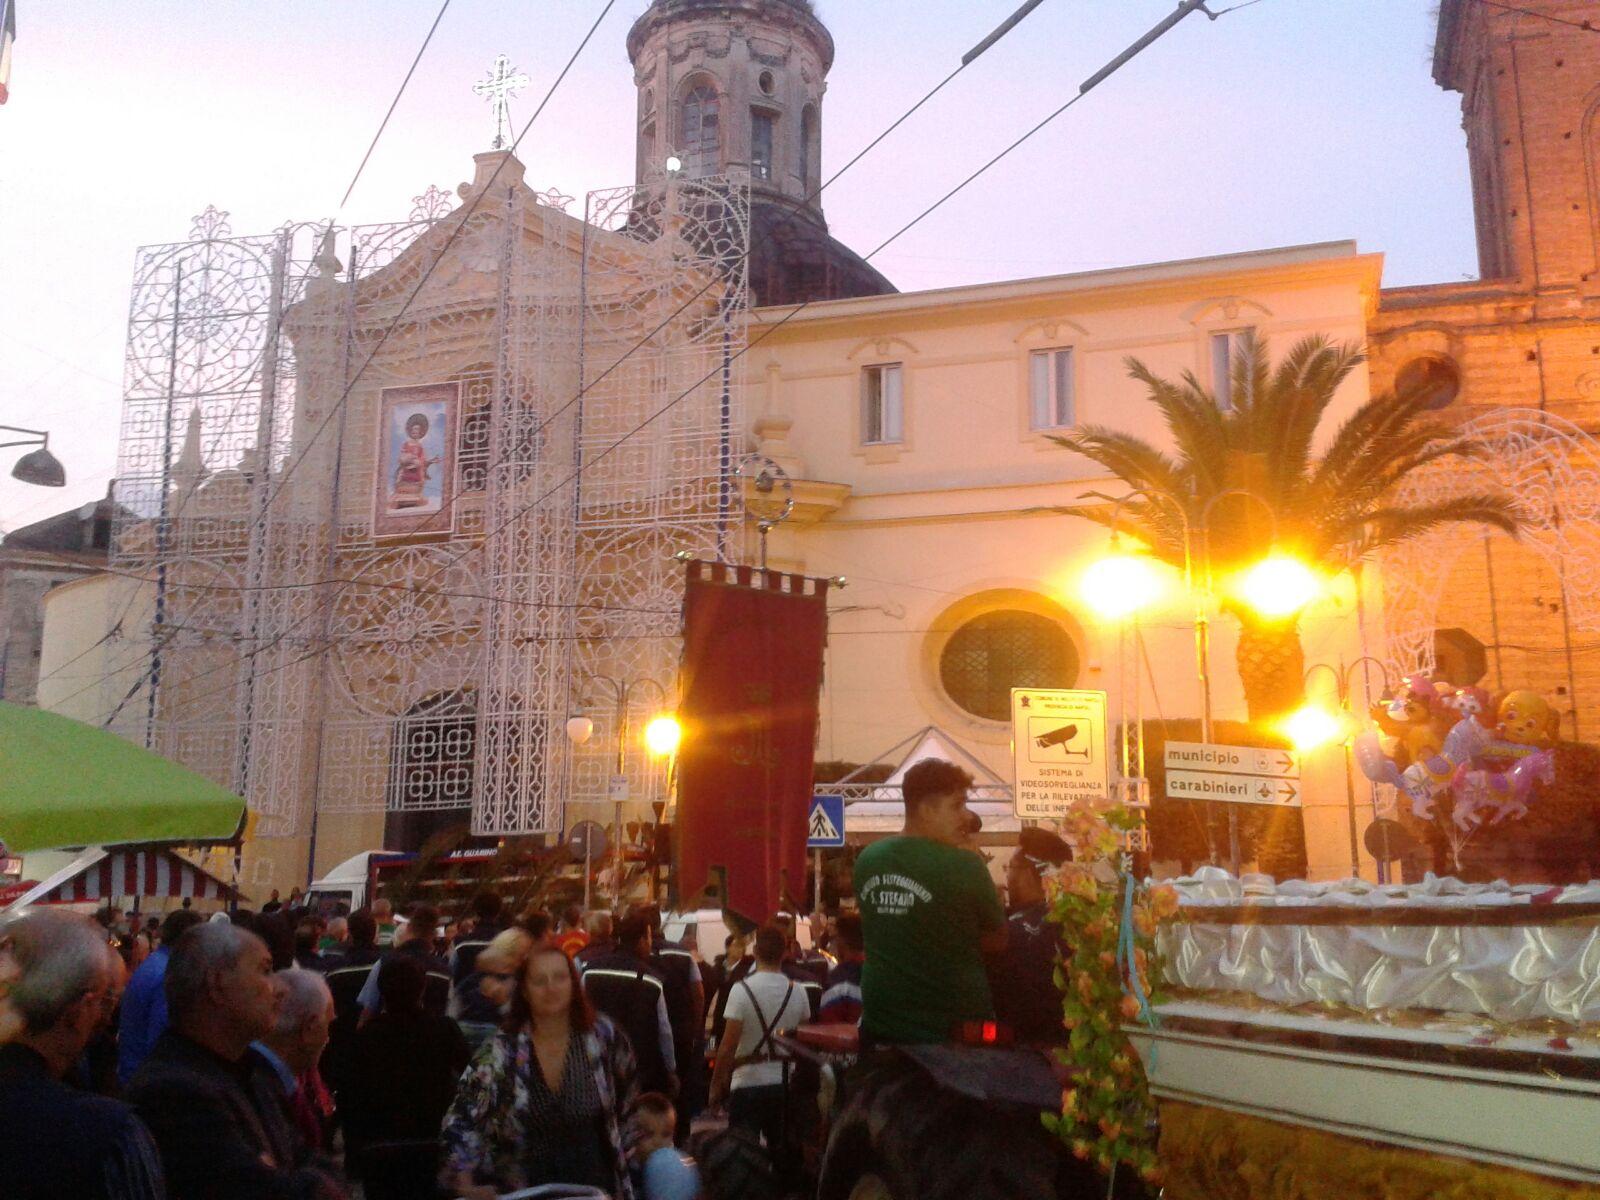 Melito festa patronale 2016 S.Stefano 12